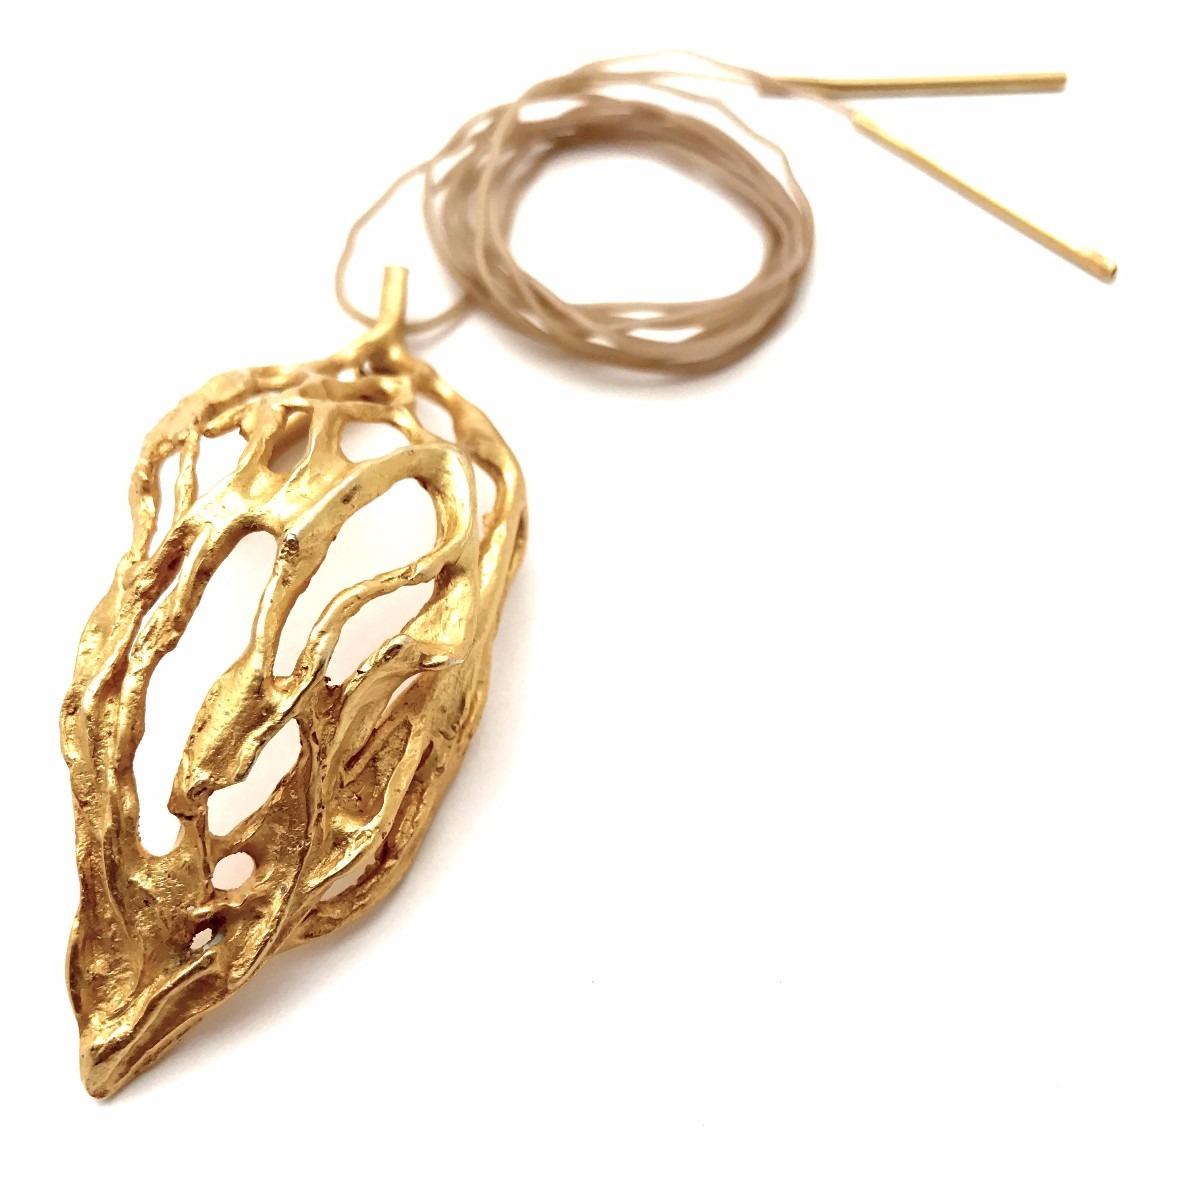 Algas Collar Dije c/ cordon - Baño de Oro